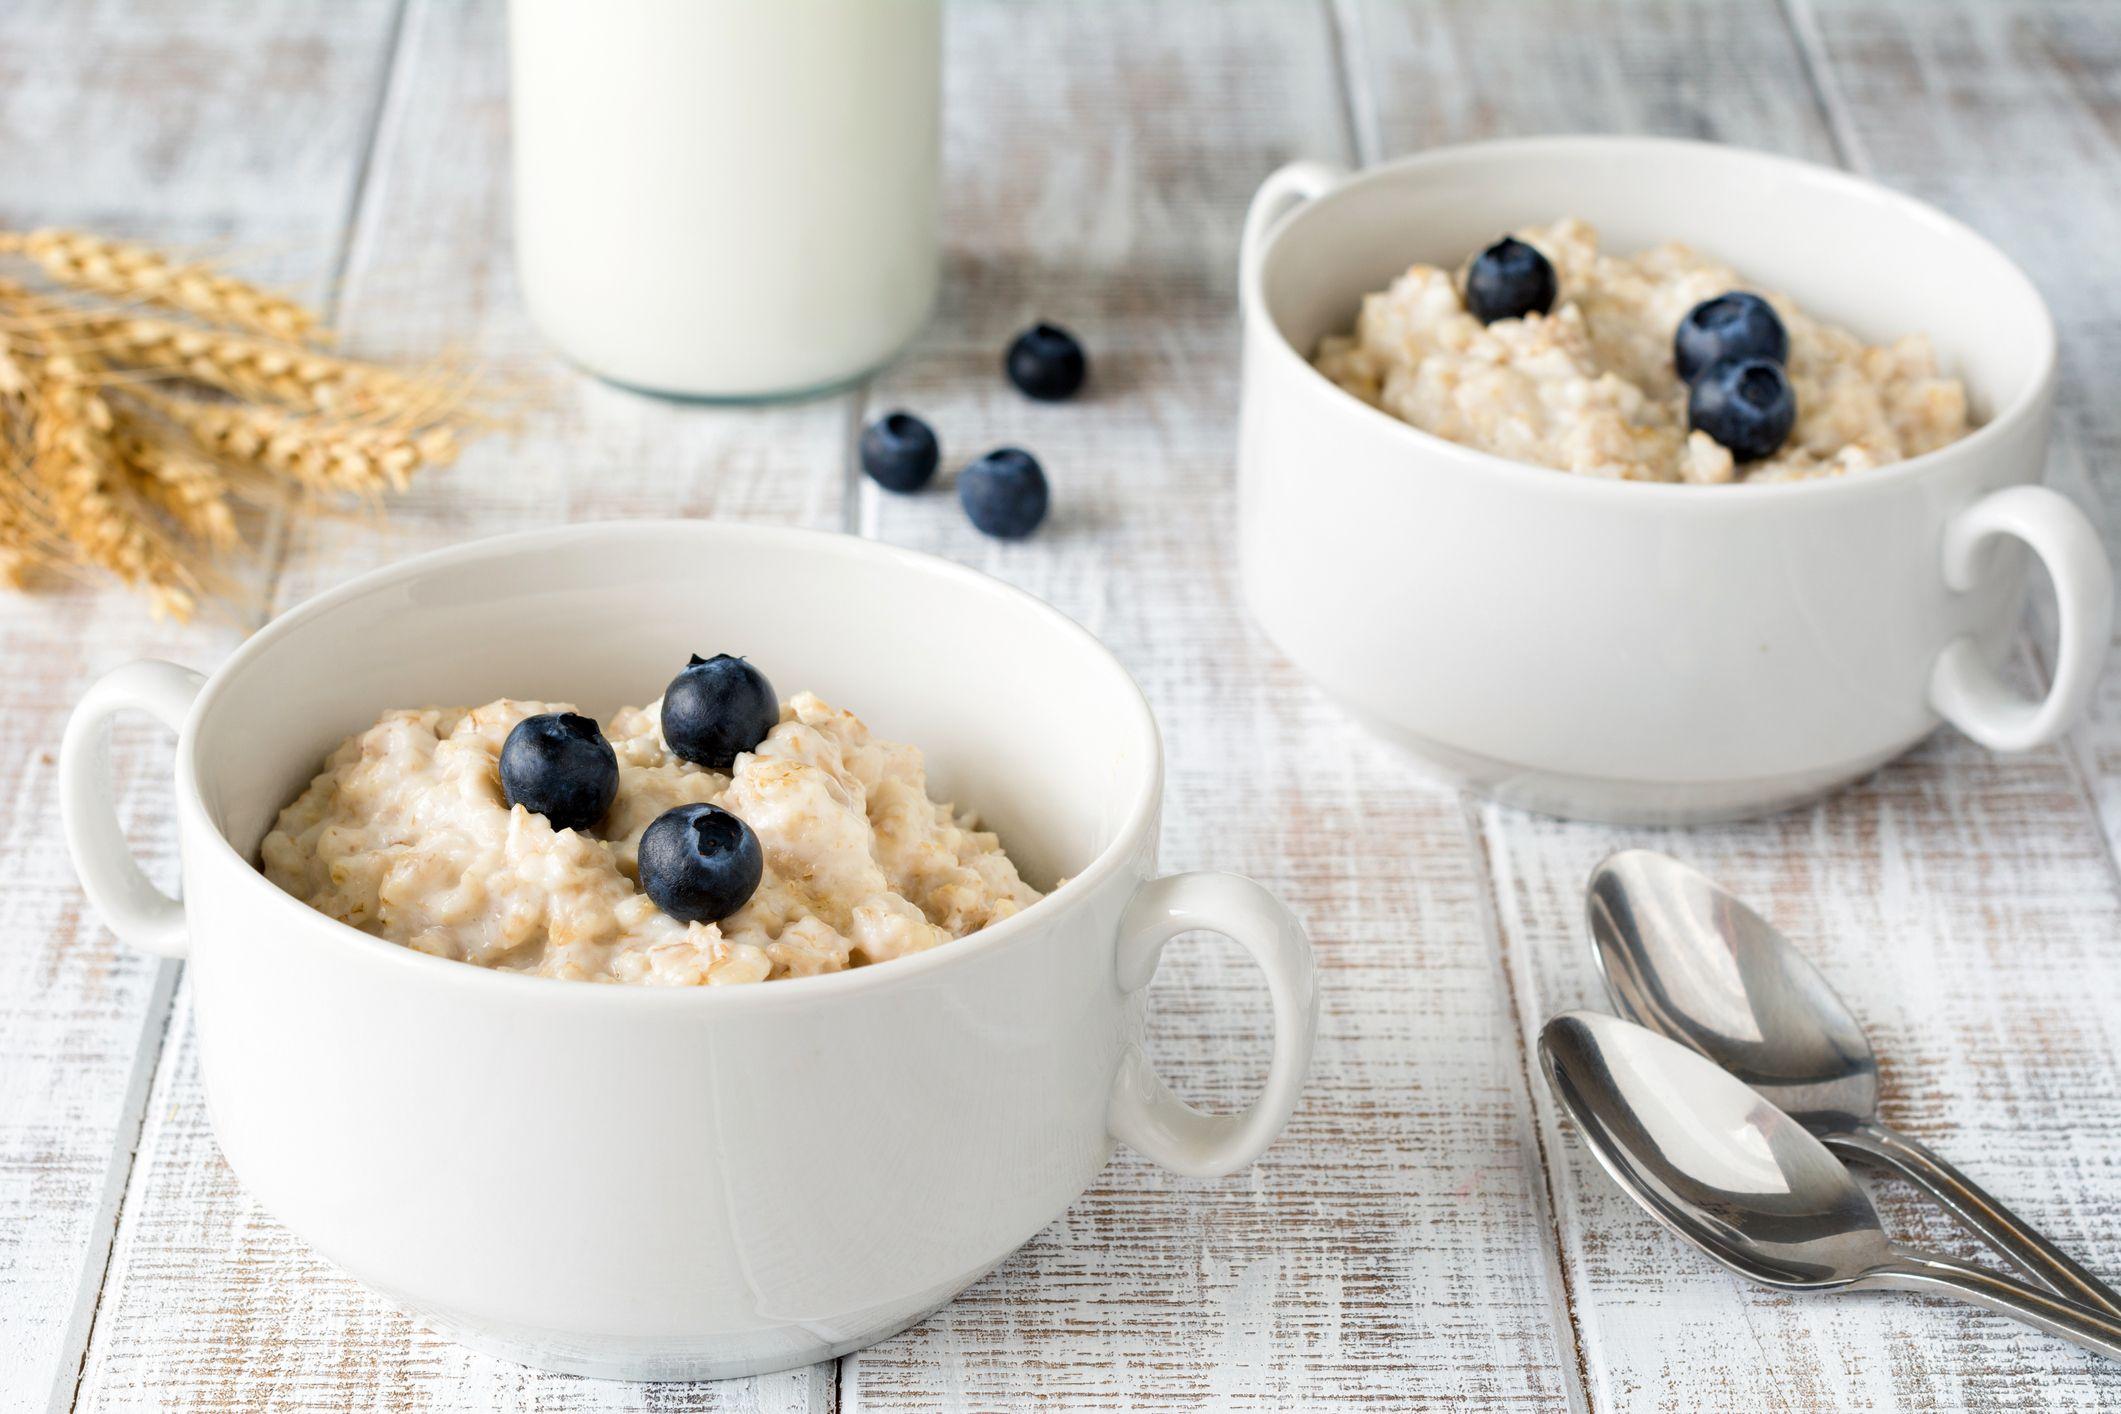 Porridge o gachas de avena.